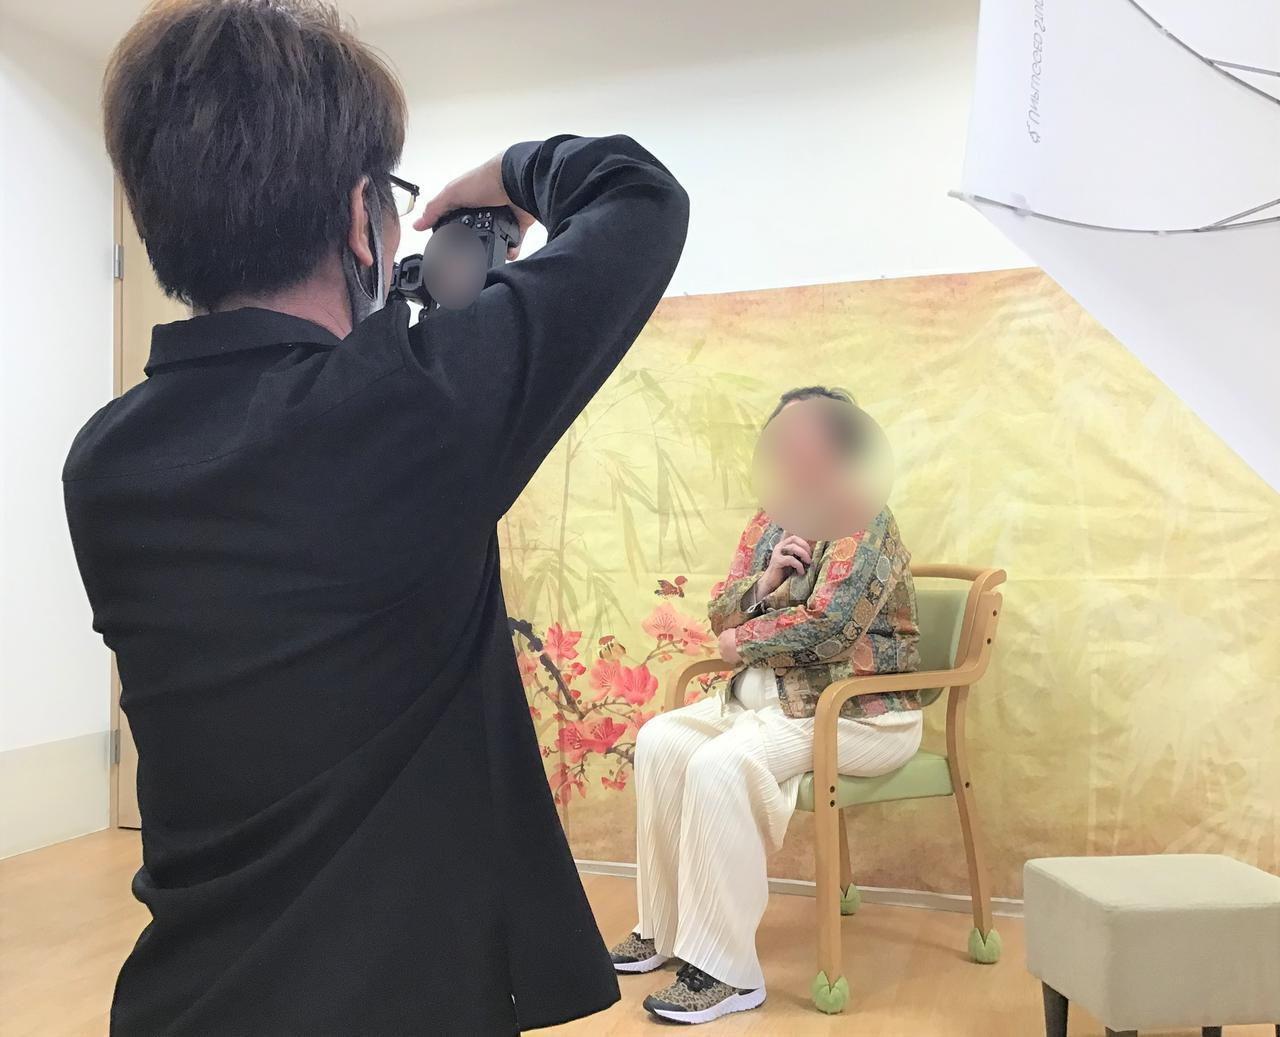 画像7: プロのカメラマンによる写真撮影会 ~Photo session~